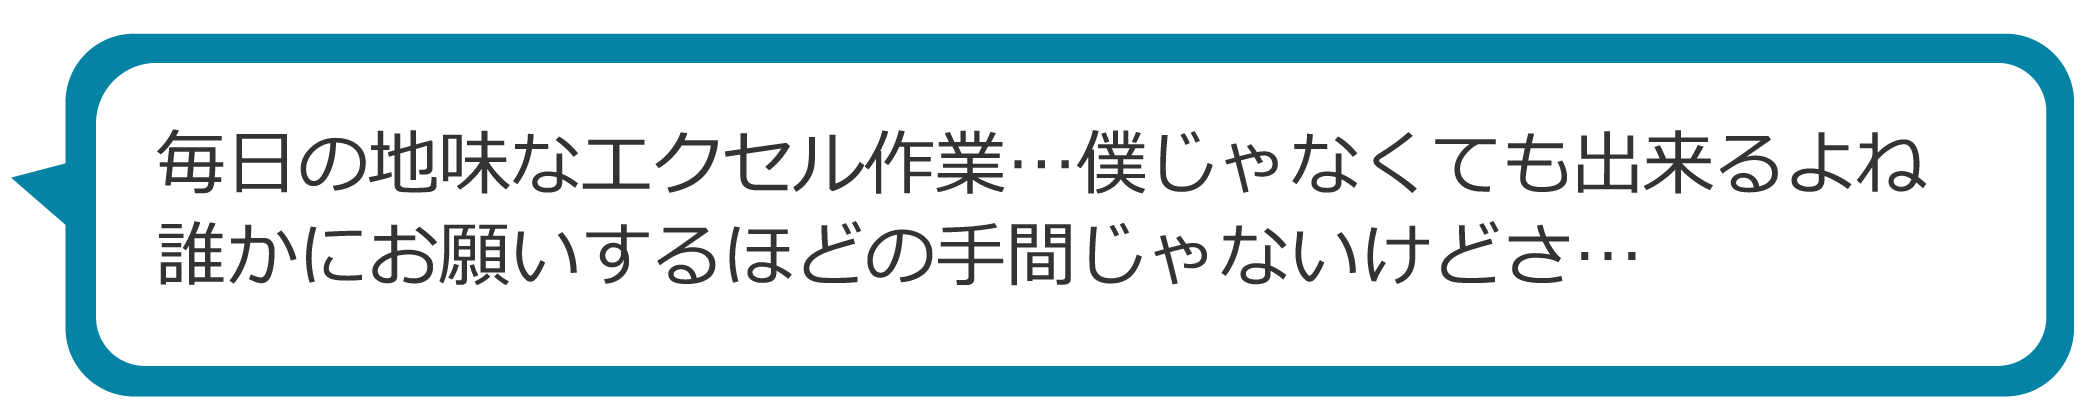 fukidashi_1